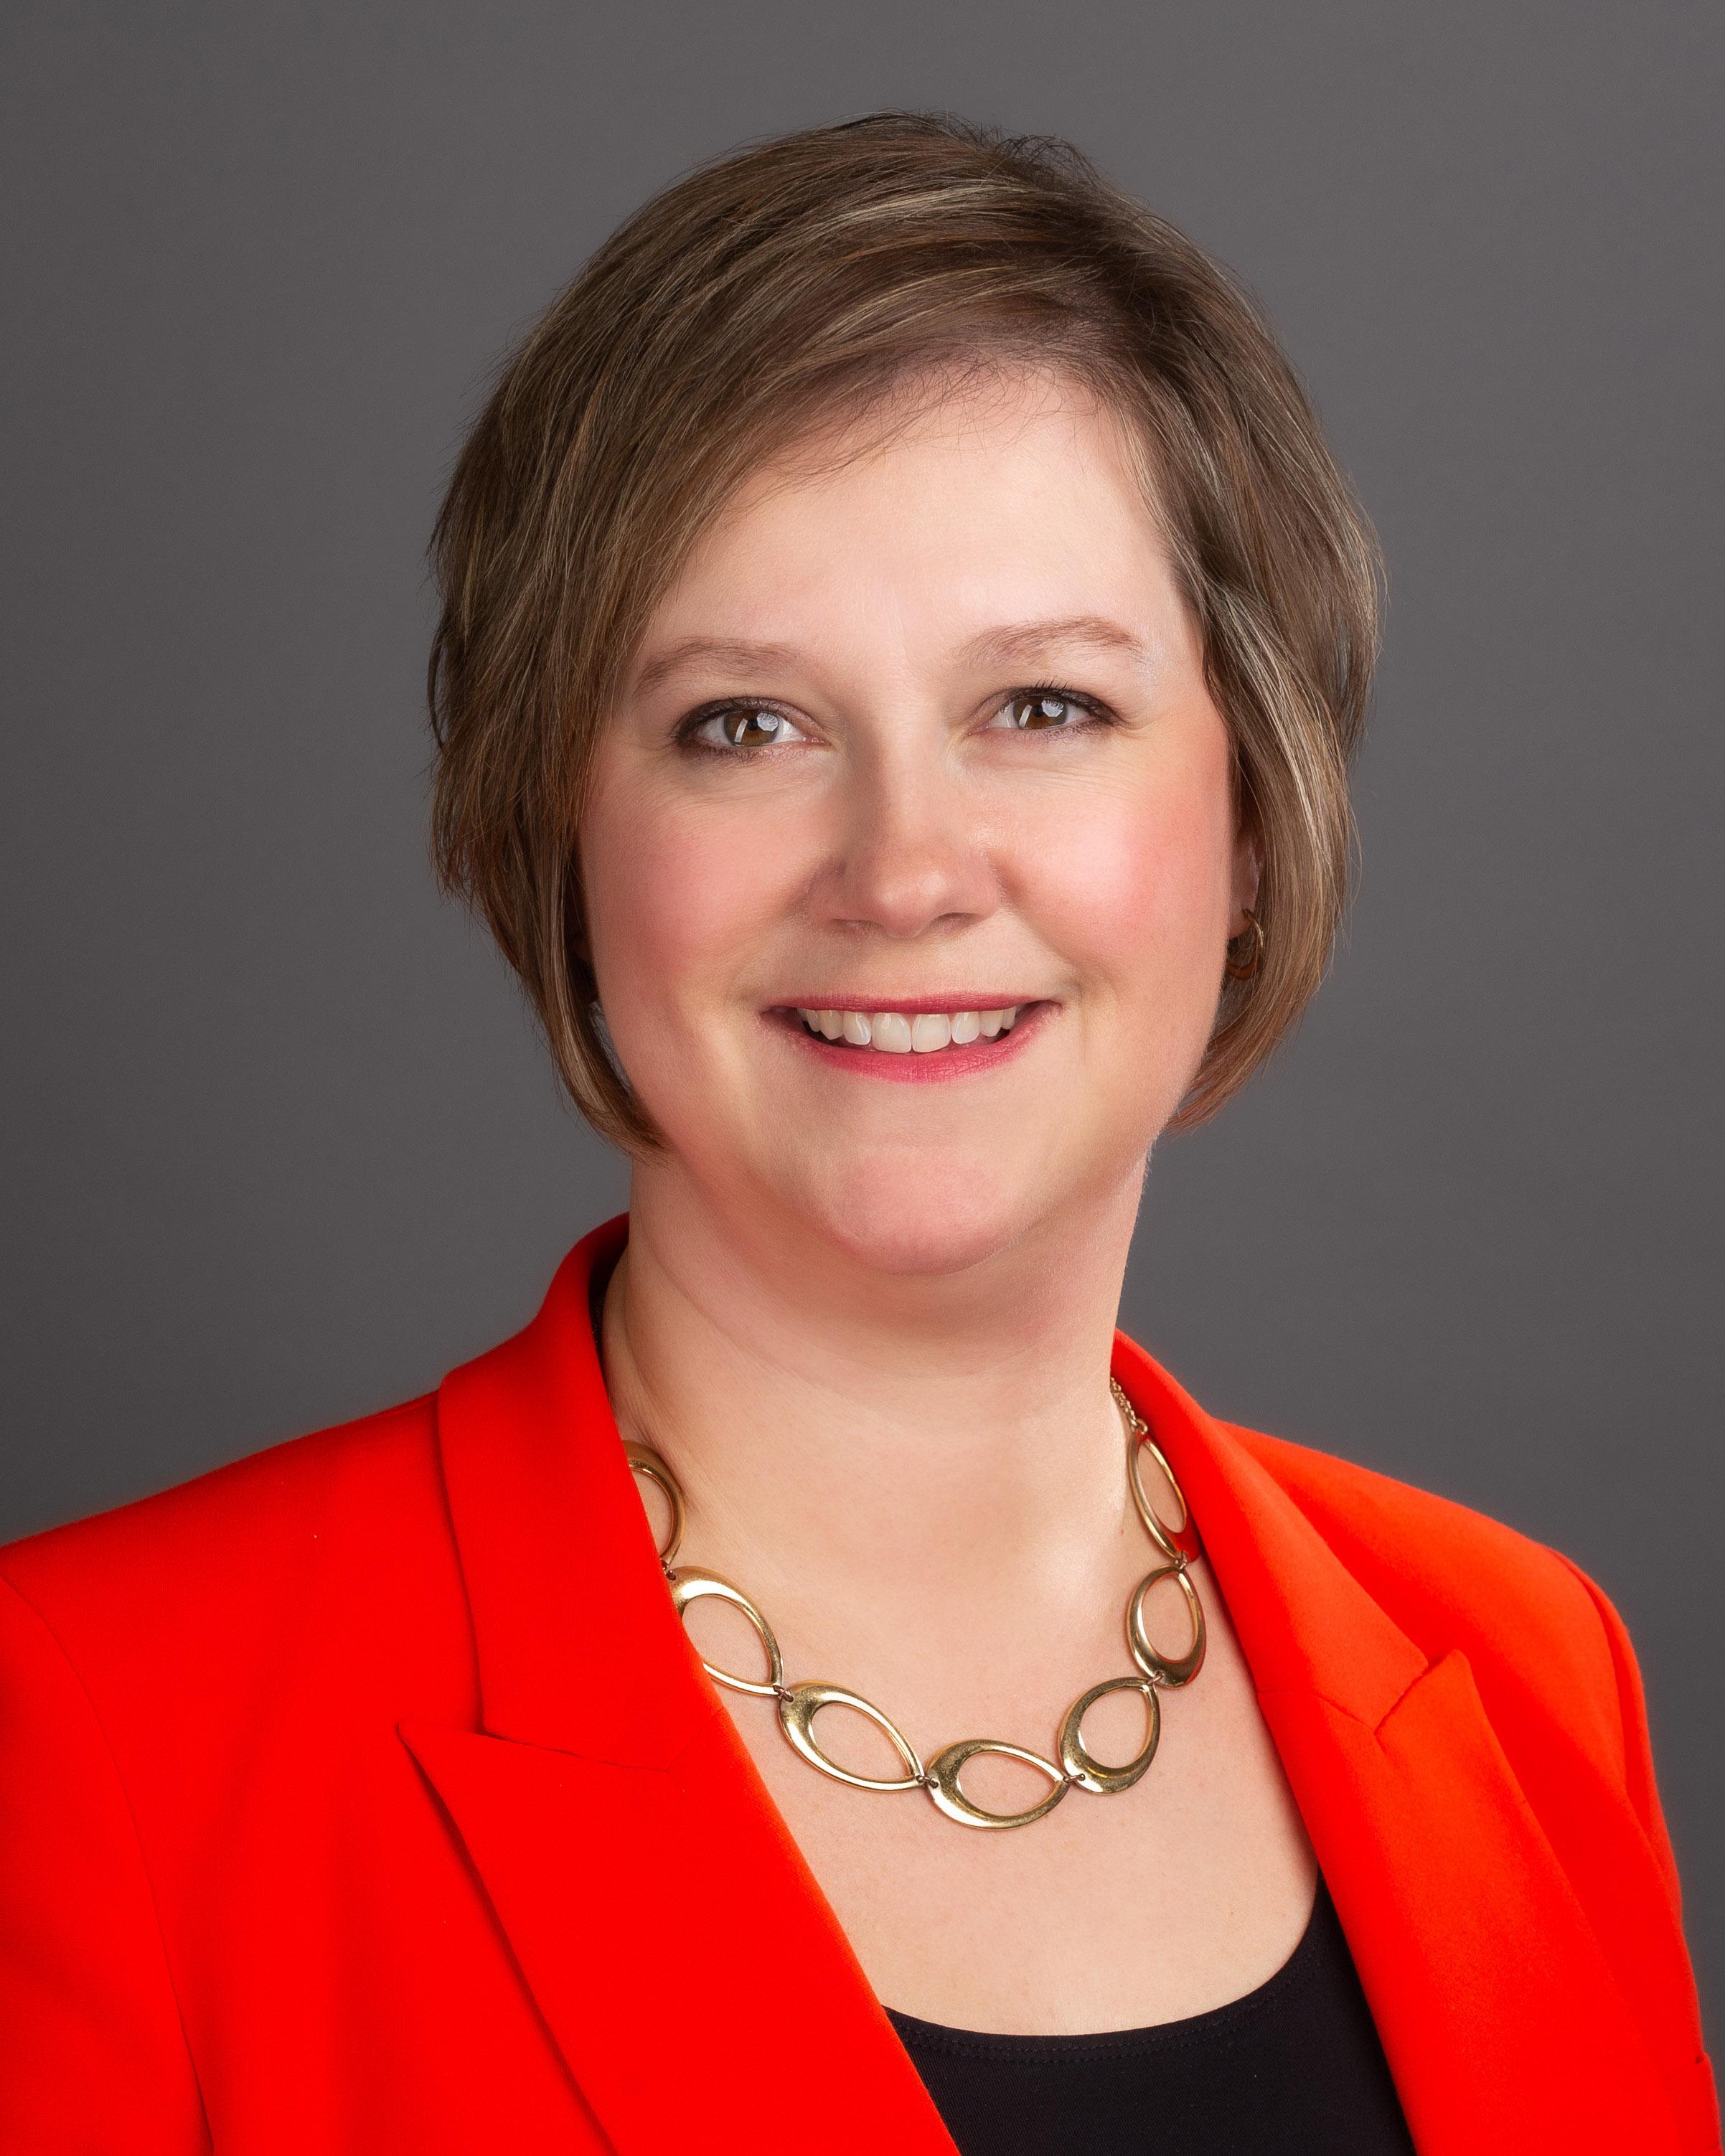 Jennifer Maxson